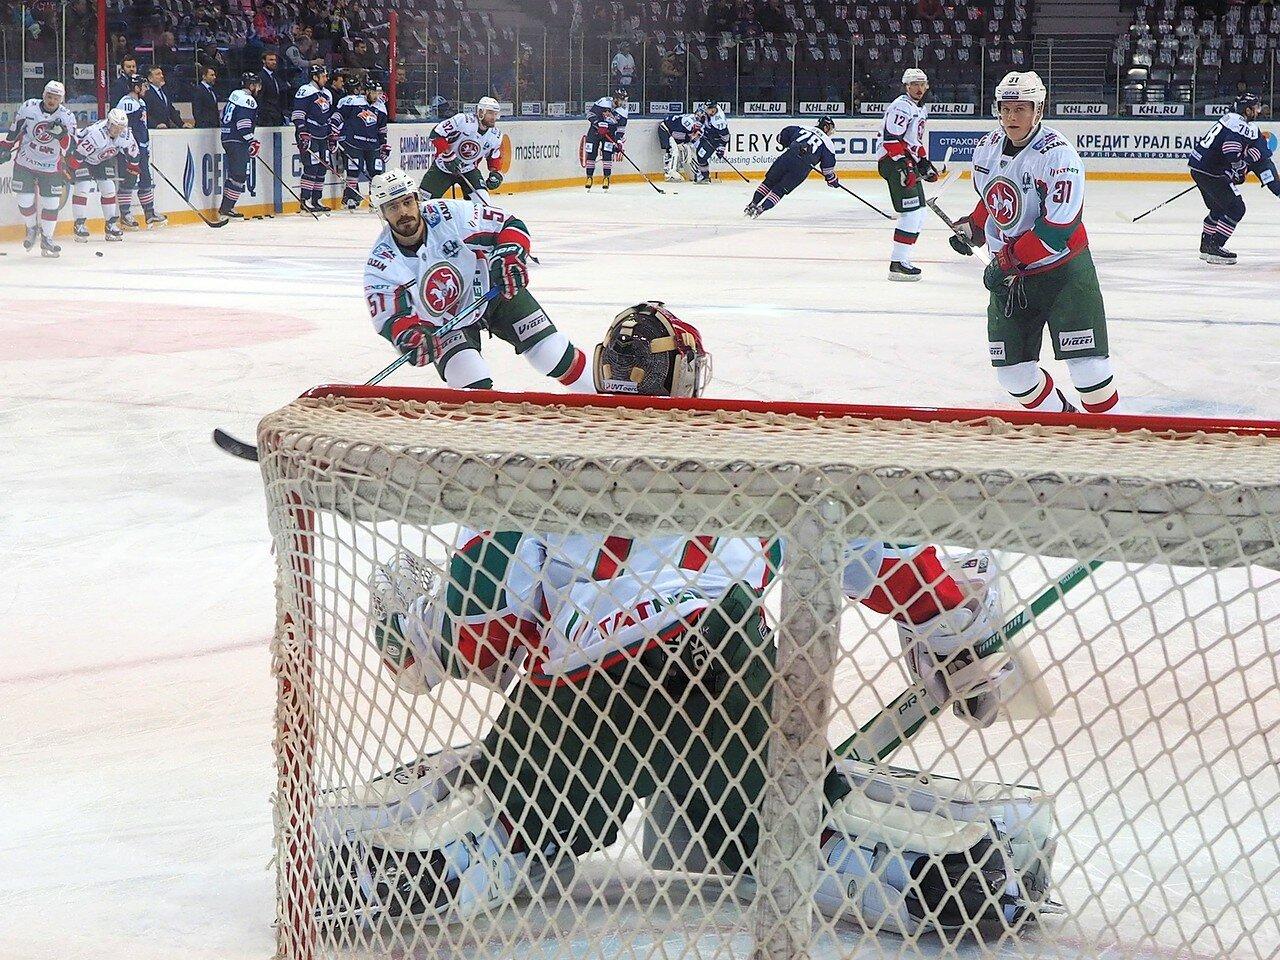 12 Первая игра финала плей-офф восточной конференции 2017 Металлург - АкБарс 24.03.2017